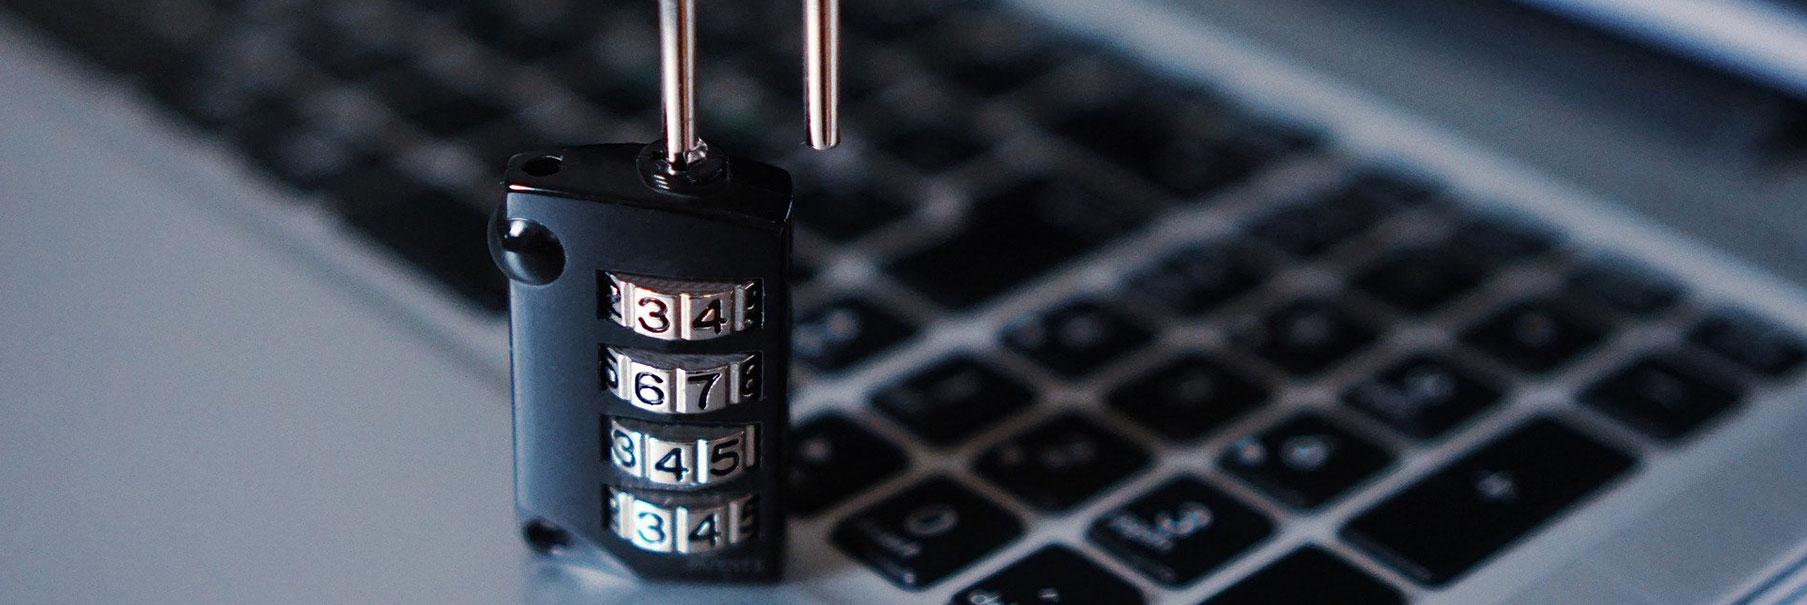 Bevorstehende politische Ereignisse motivieren professionelle Hacker, Phishing-Angriffe zu starten.